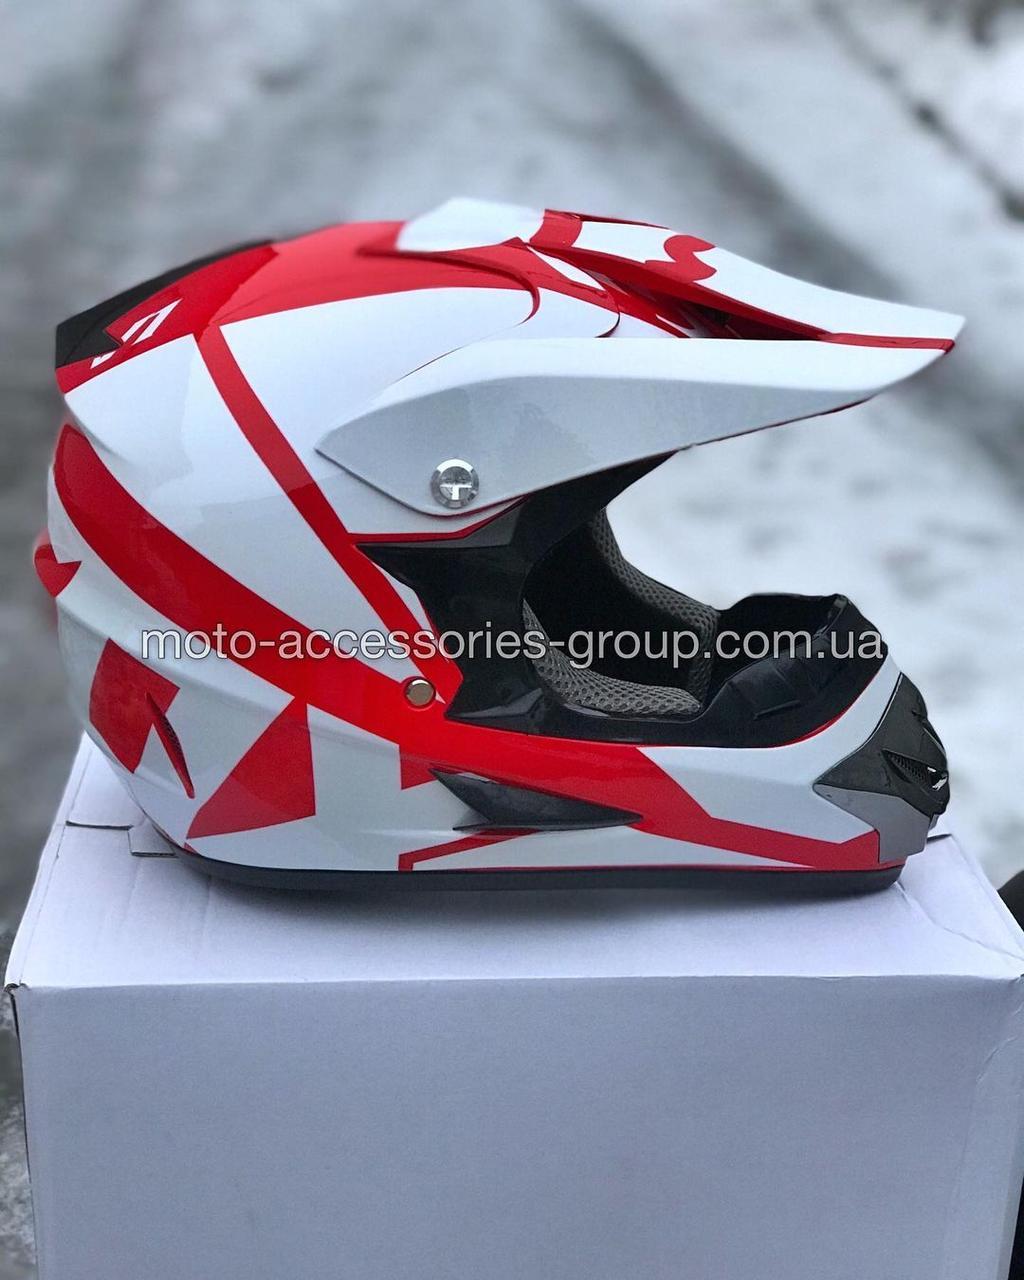 Мото шлем кроссовый 'FOX' белый глянец с красным рисунком